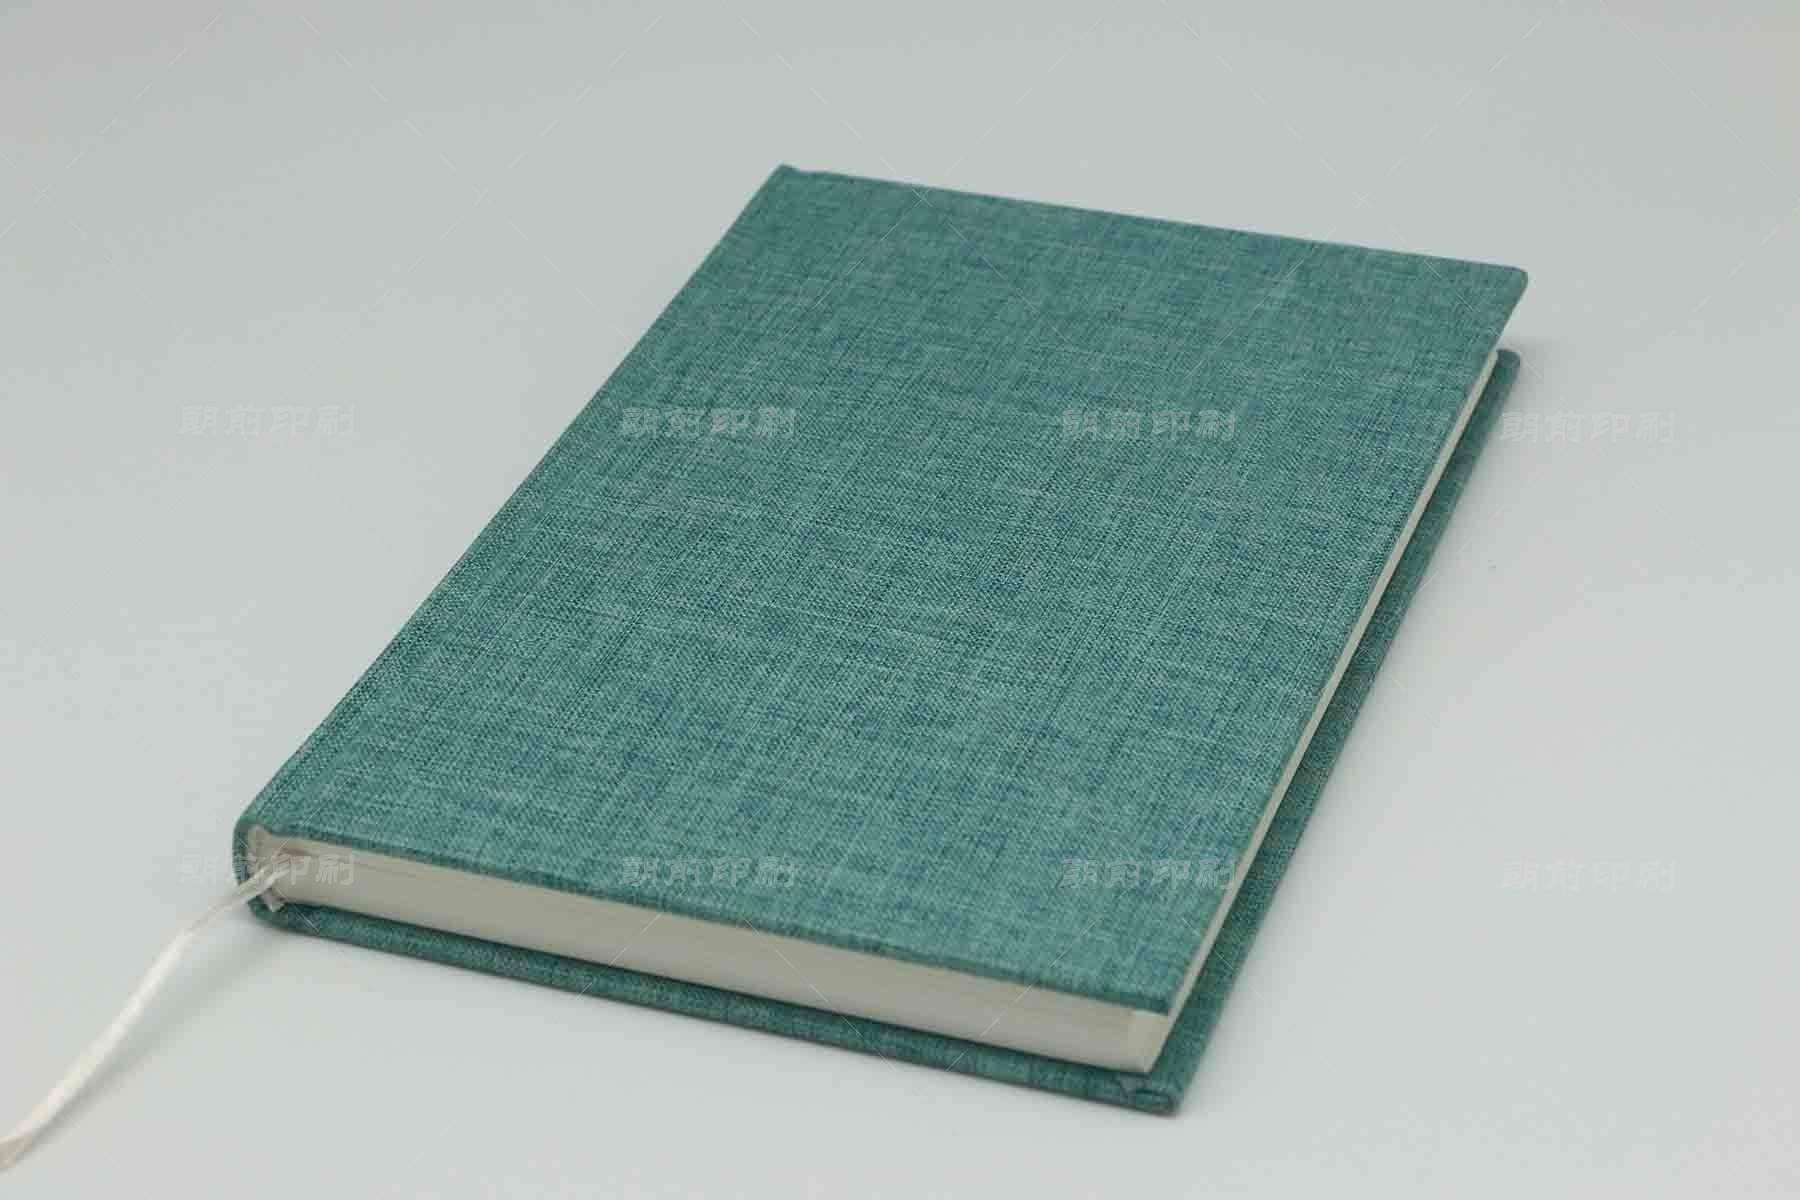 广州印刷网 广州印刷如何发画册顺序